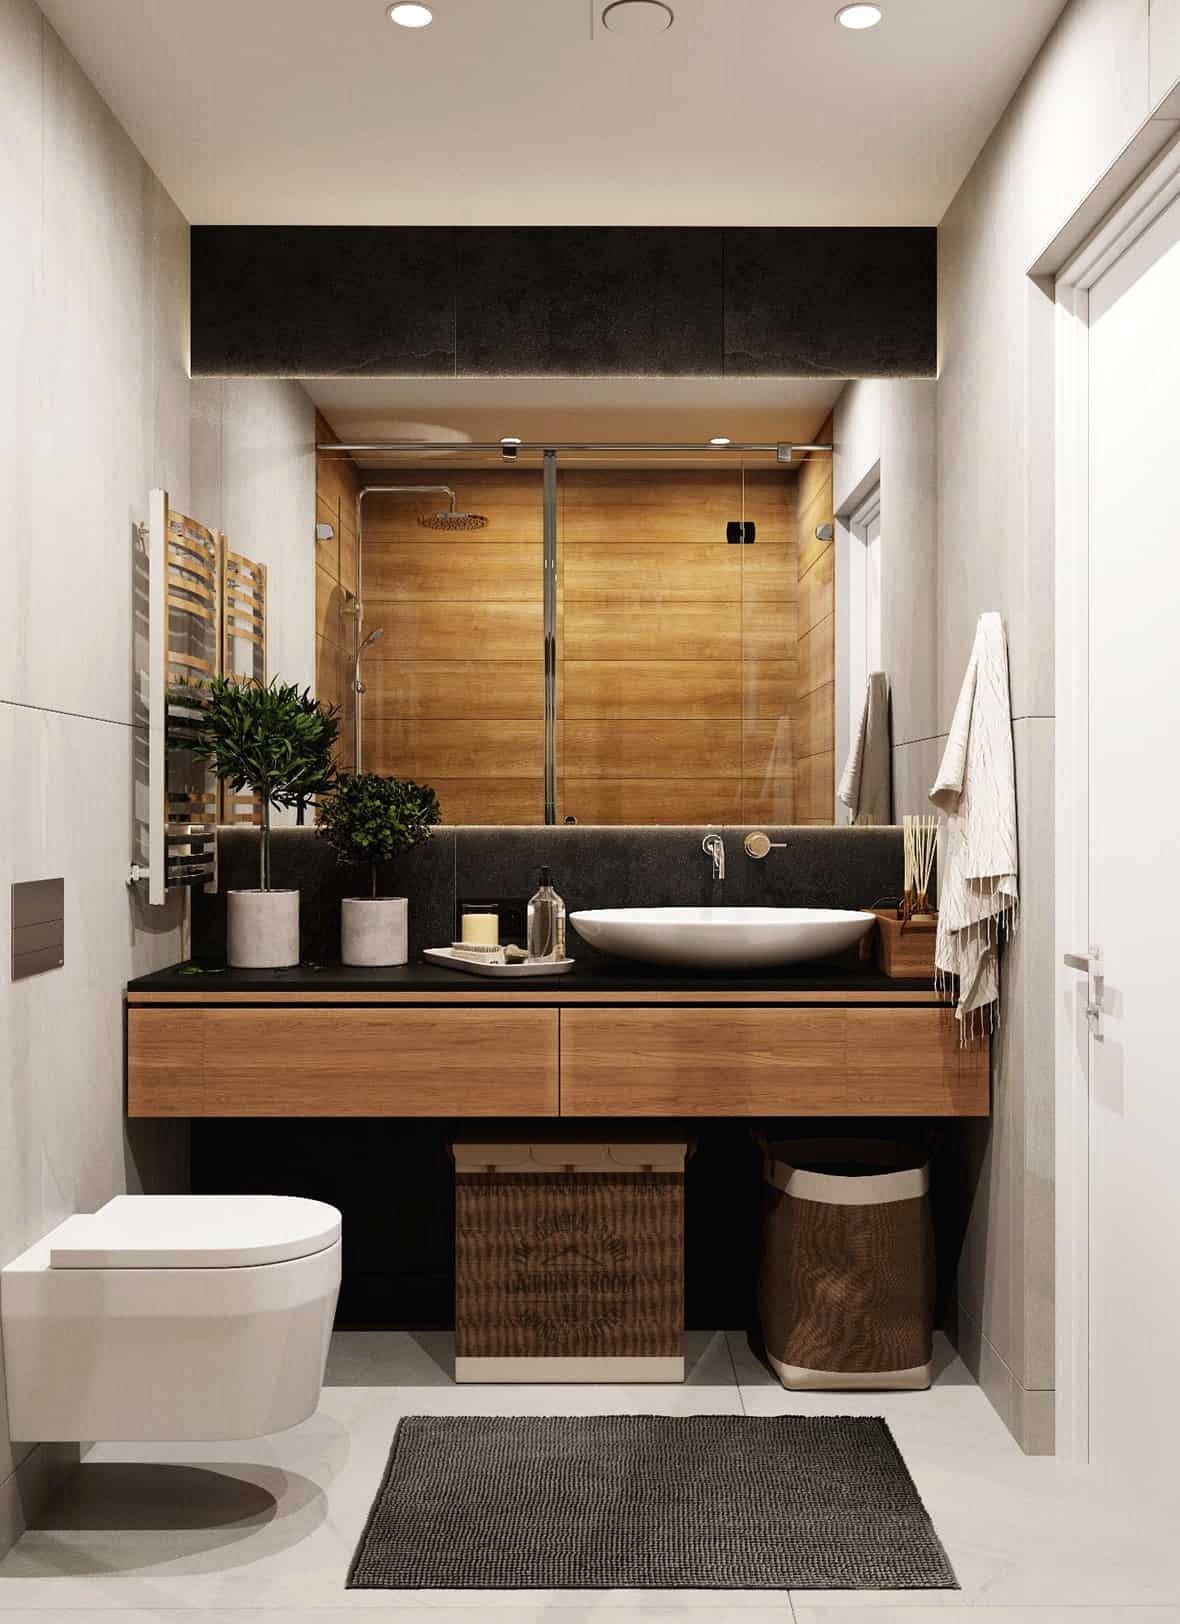 Chủ đề tự nhiên và bảng màu trung tính trong phòng tắm chính.